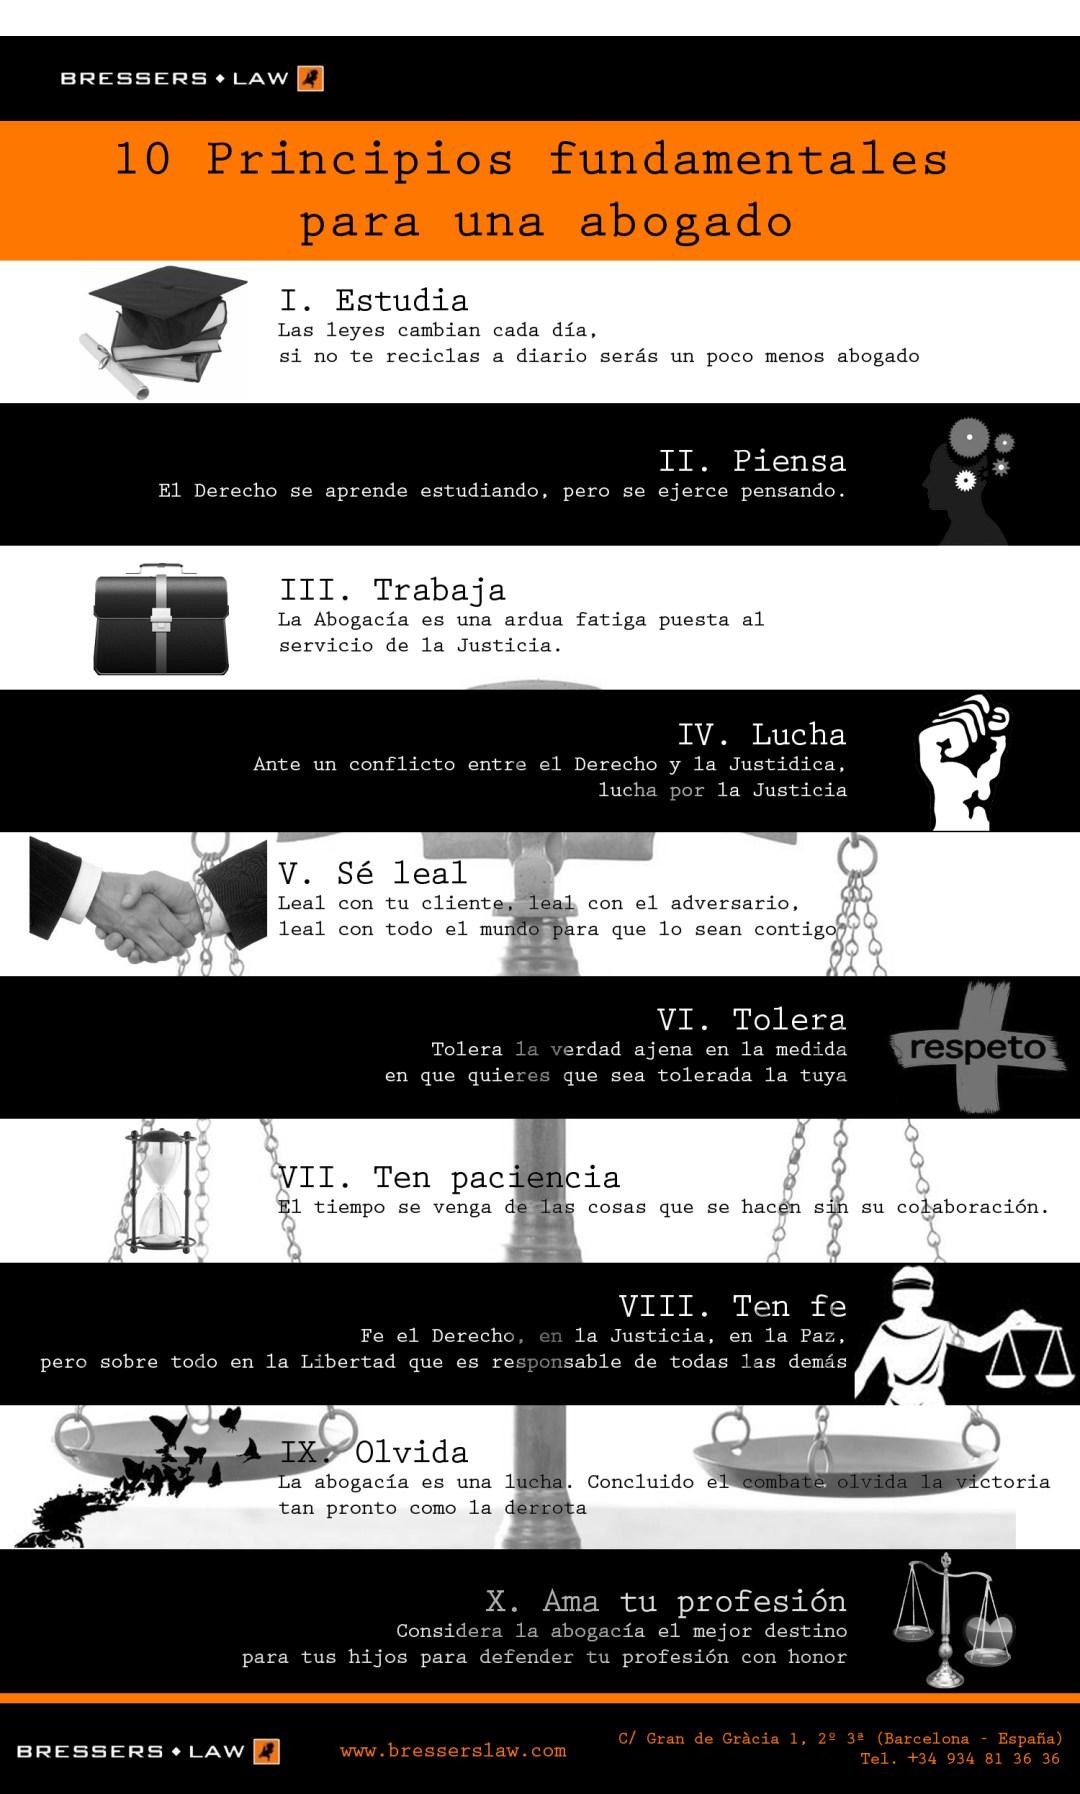 10 principios fundamentales para un abogado #infografia #infographic